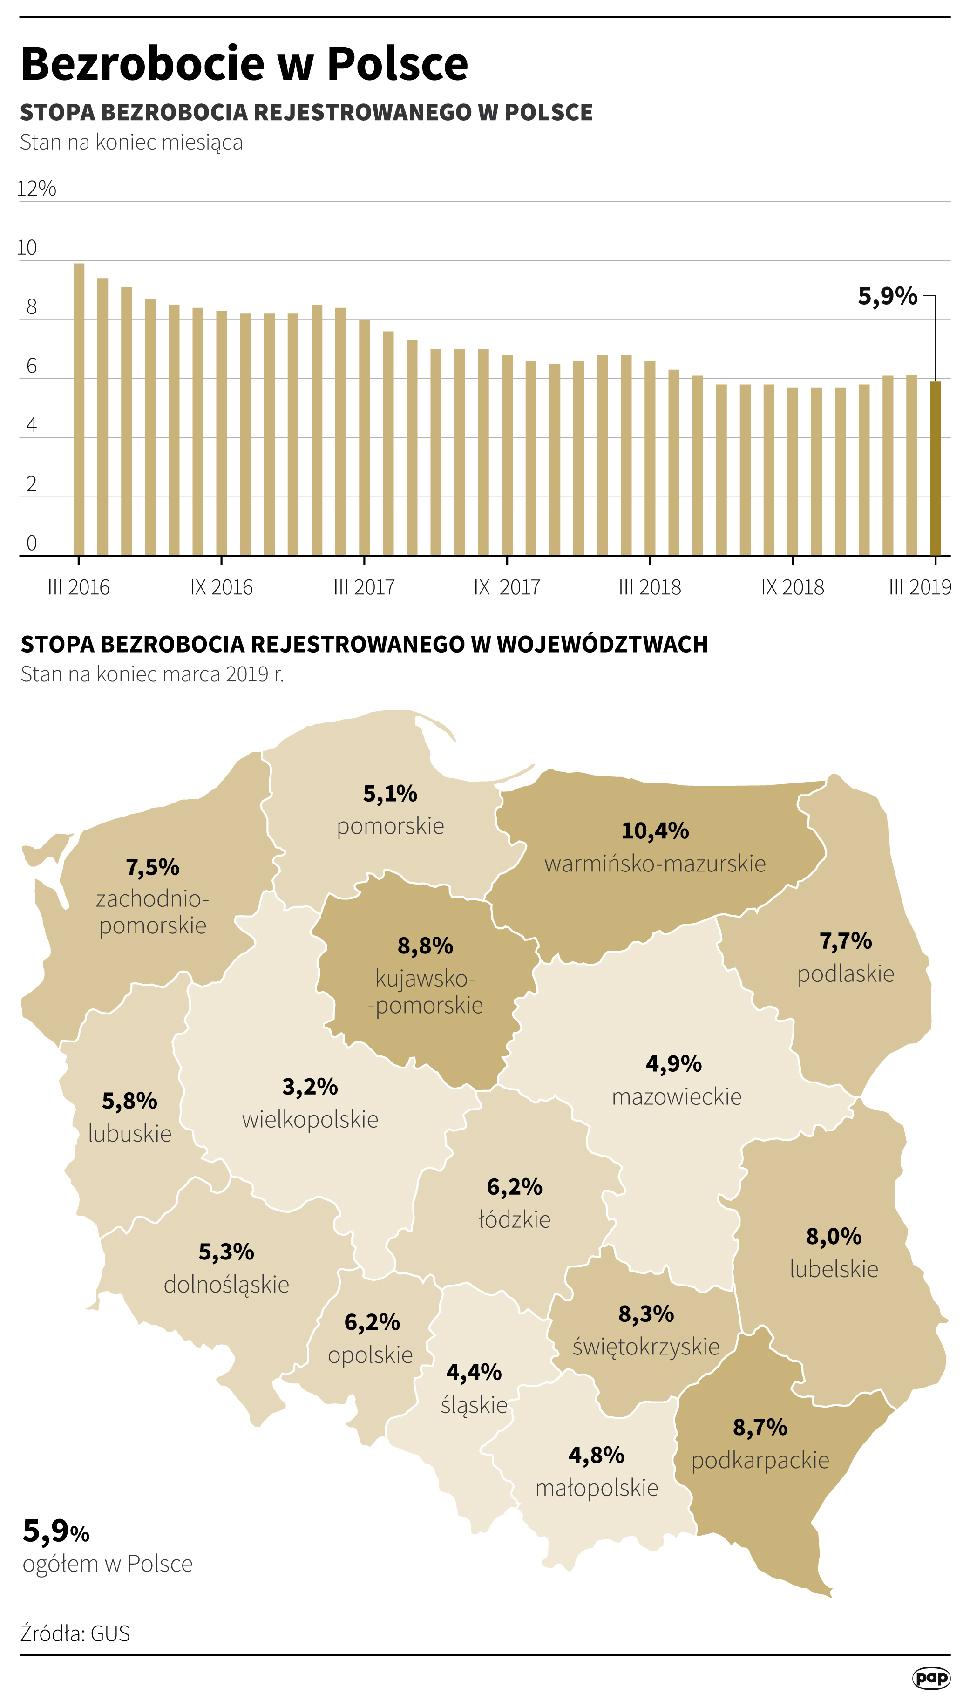 Stopa bezrobocia w Polsce z podziałem na konkretne województwa